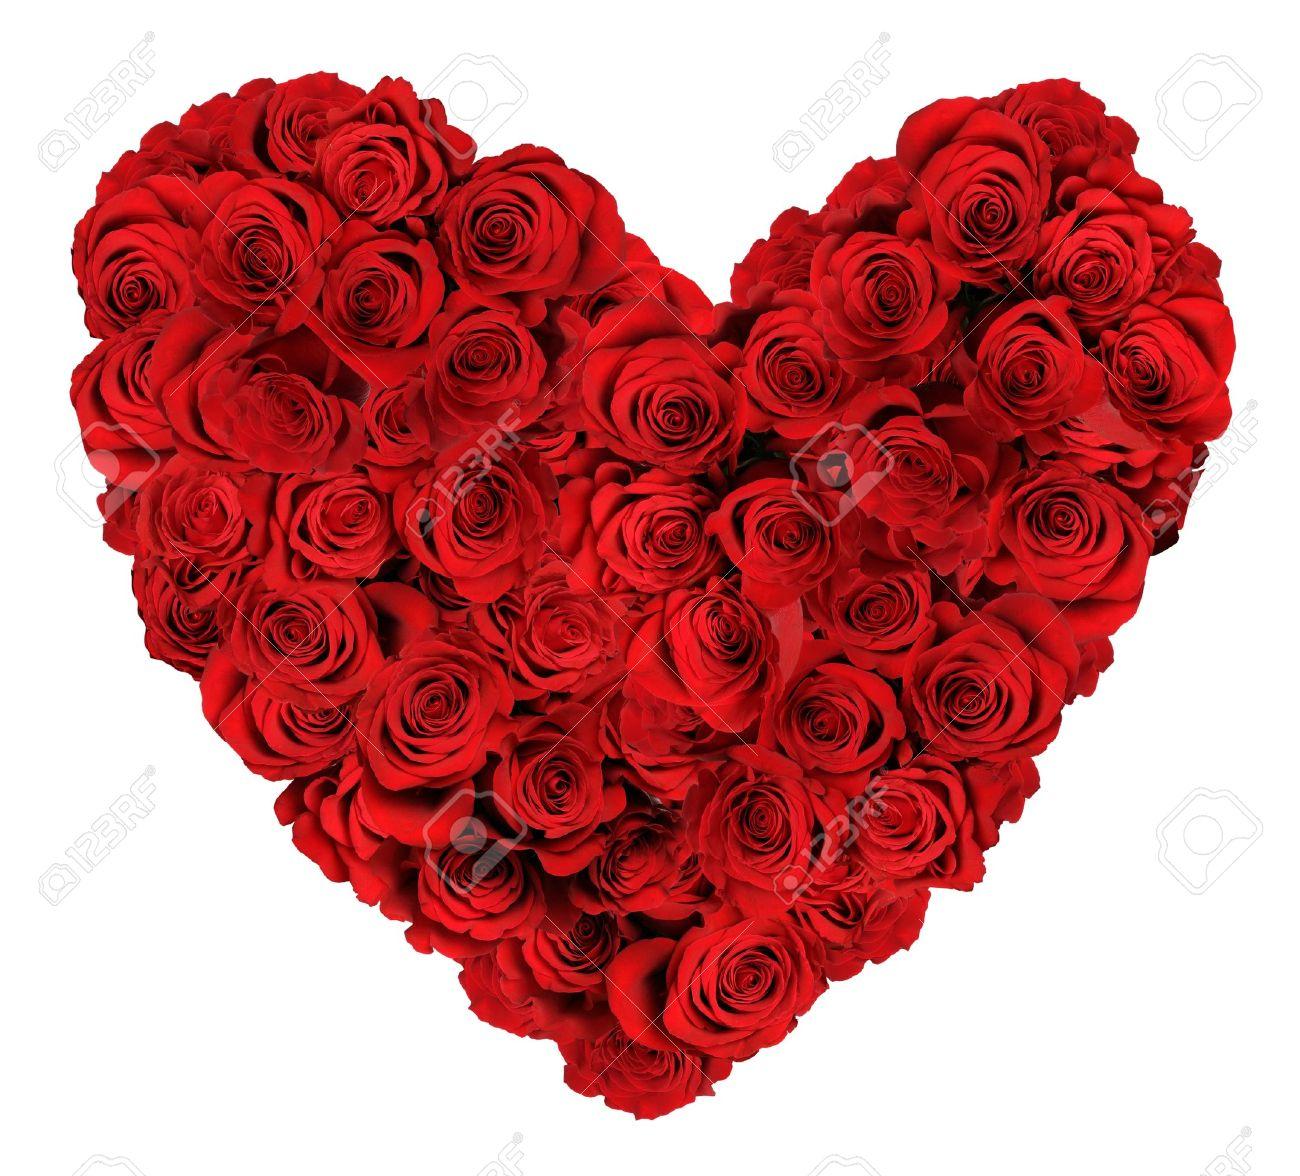 bouquet en forme de coeur de roses rouges isolé sur fond blanc